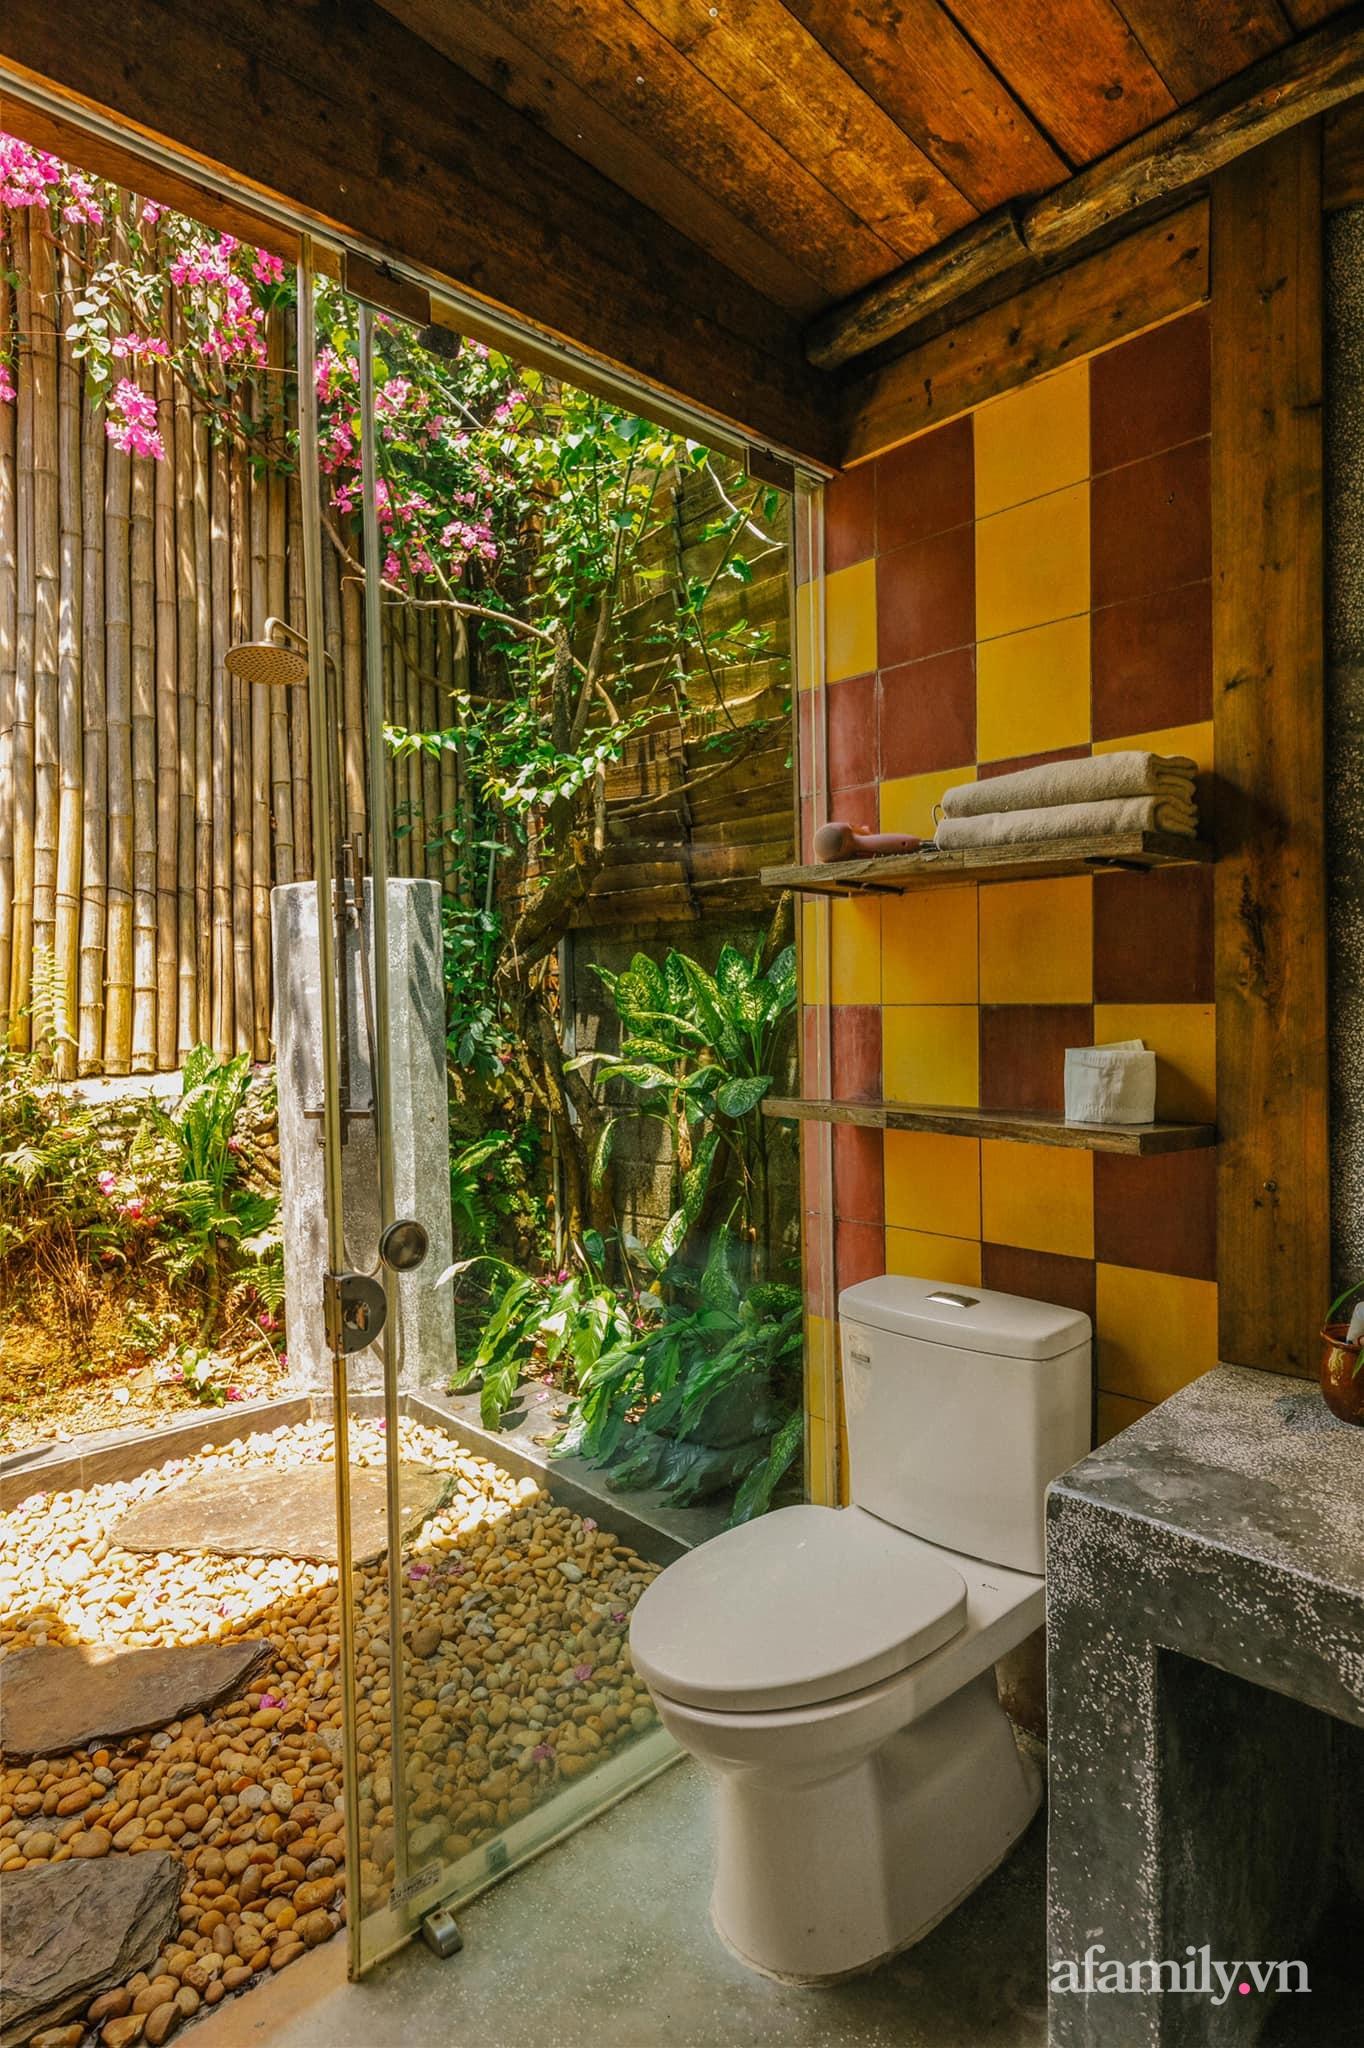 Cải tạo không gian rêu phong thành nhà vườn gói ghém những bình yên của người phụ nữ Hà Thành - Ảnh 15.